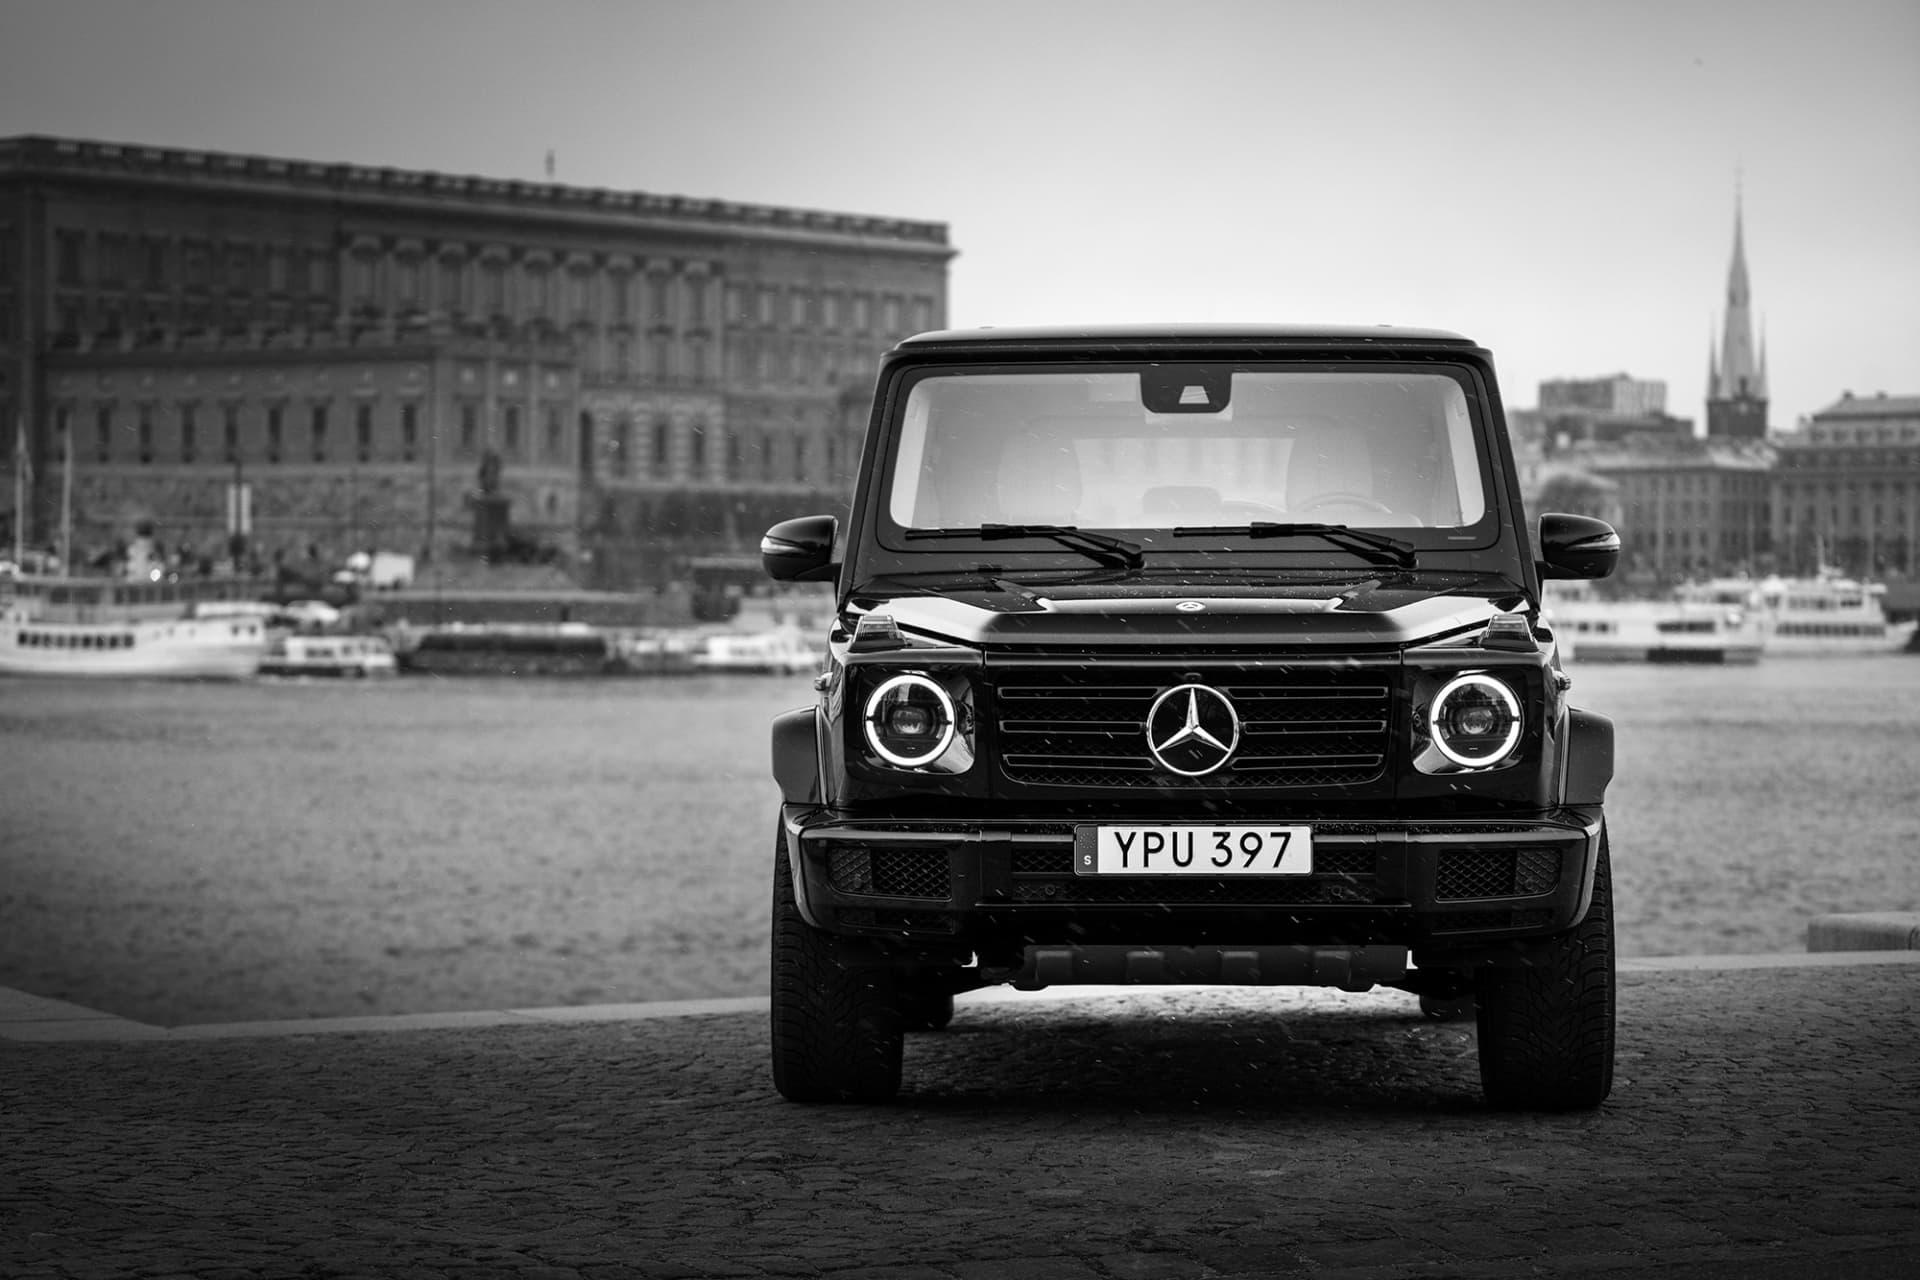 Med sin stjärna i grillen inger G Klass en pondus som få andra bilar.